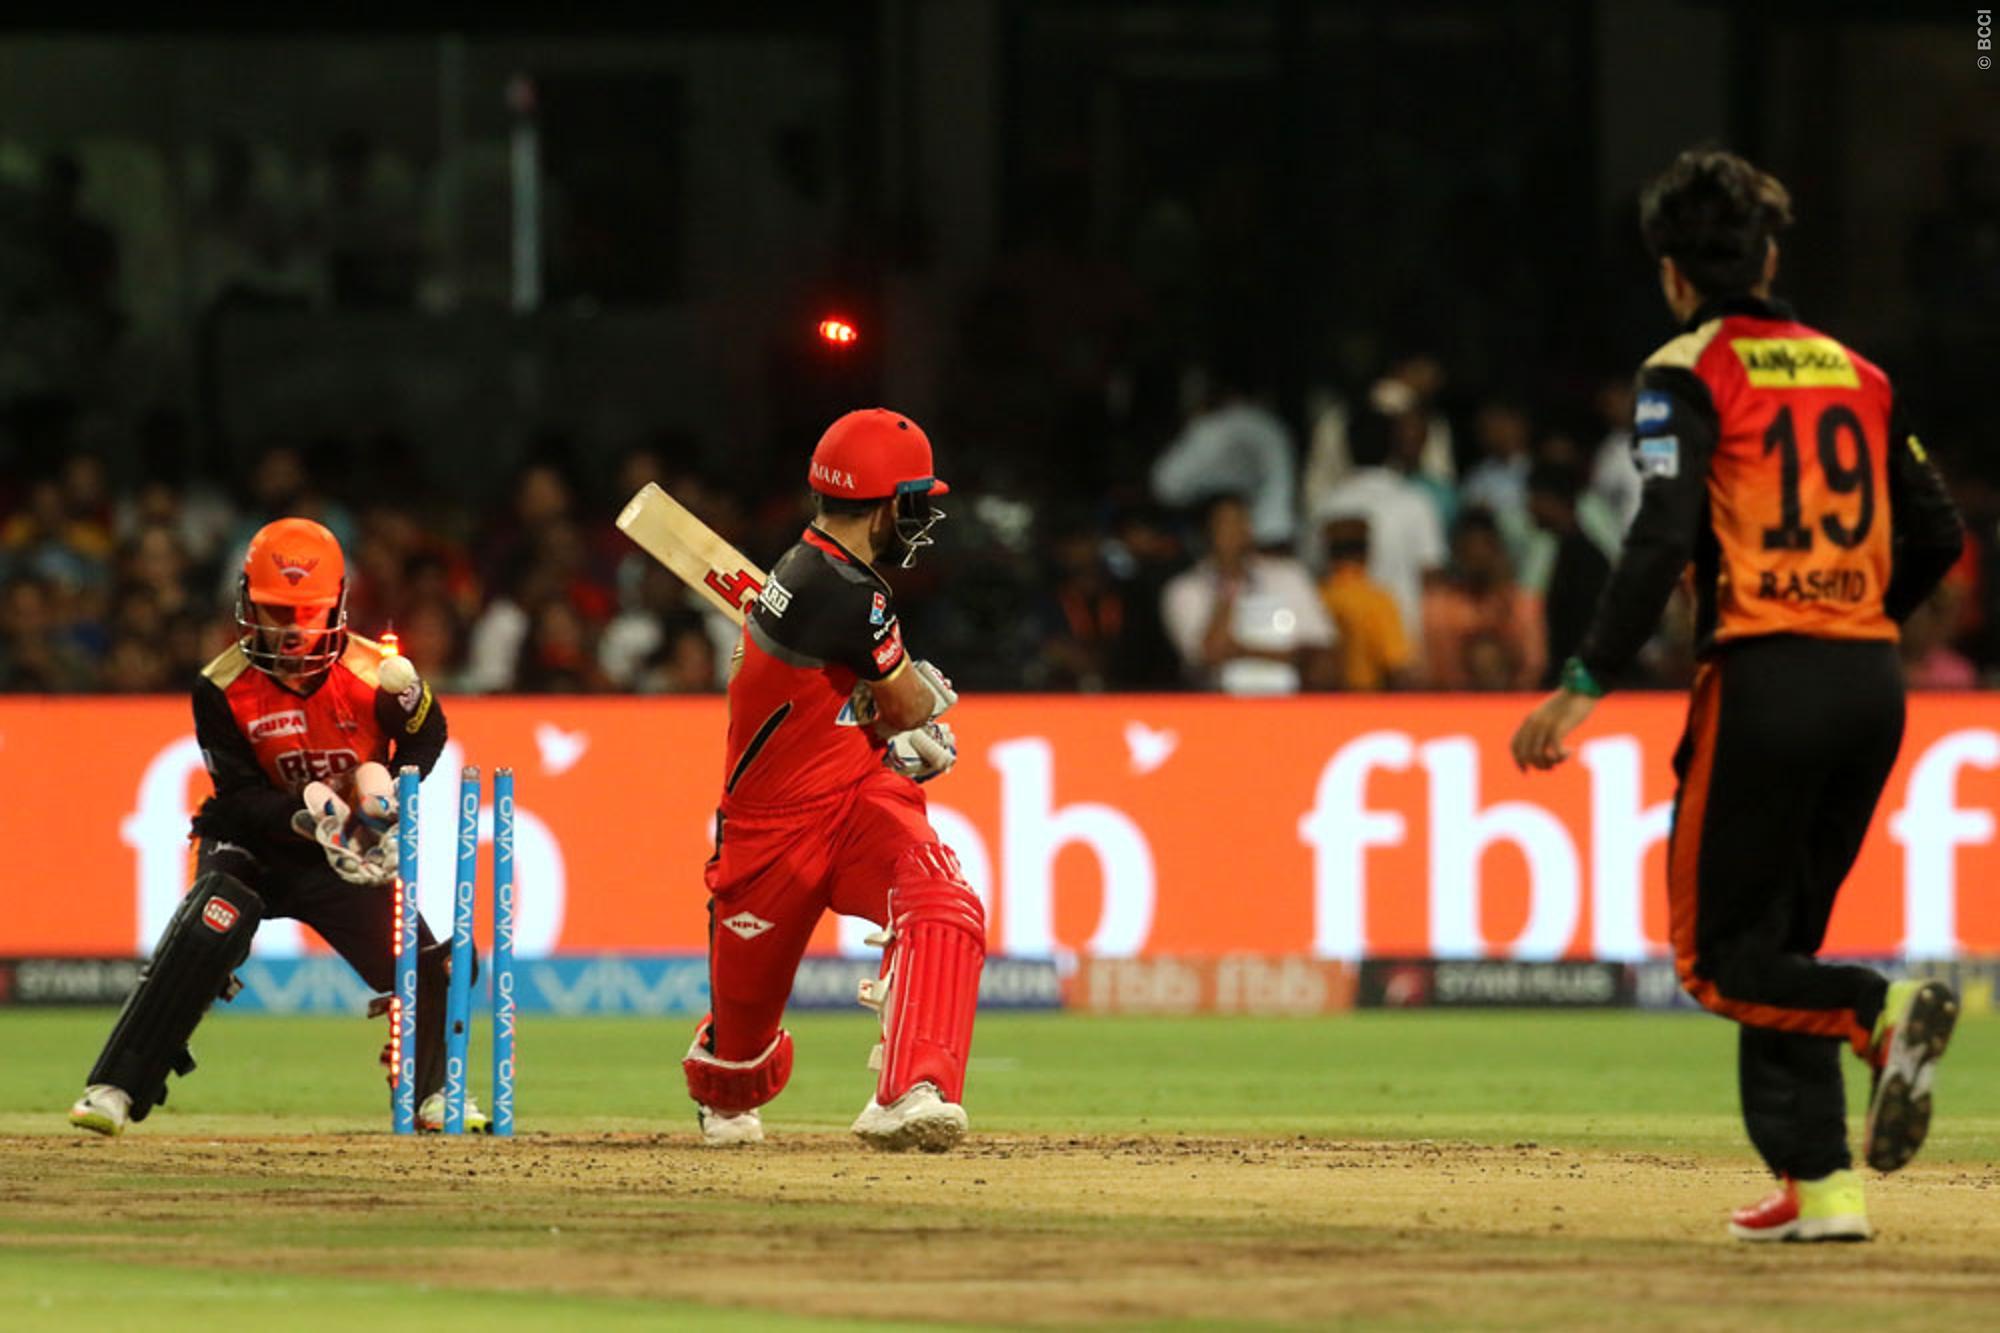 VIDEO: राशिद खान की इस करिश्माई गेंद ने किया कोहली को बोल्ड, स्पिनर के खिलाफ रहे है इस सीजन खराब आँकड़े 1